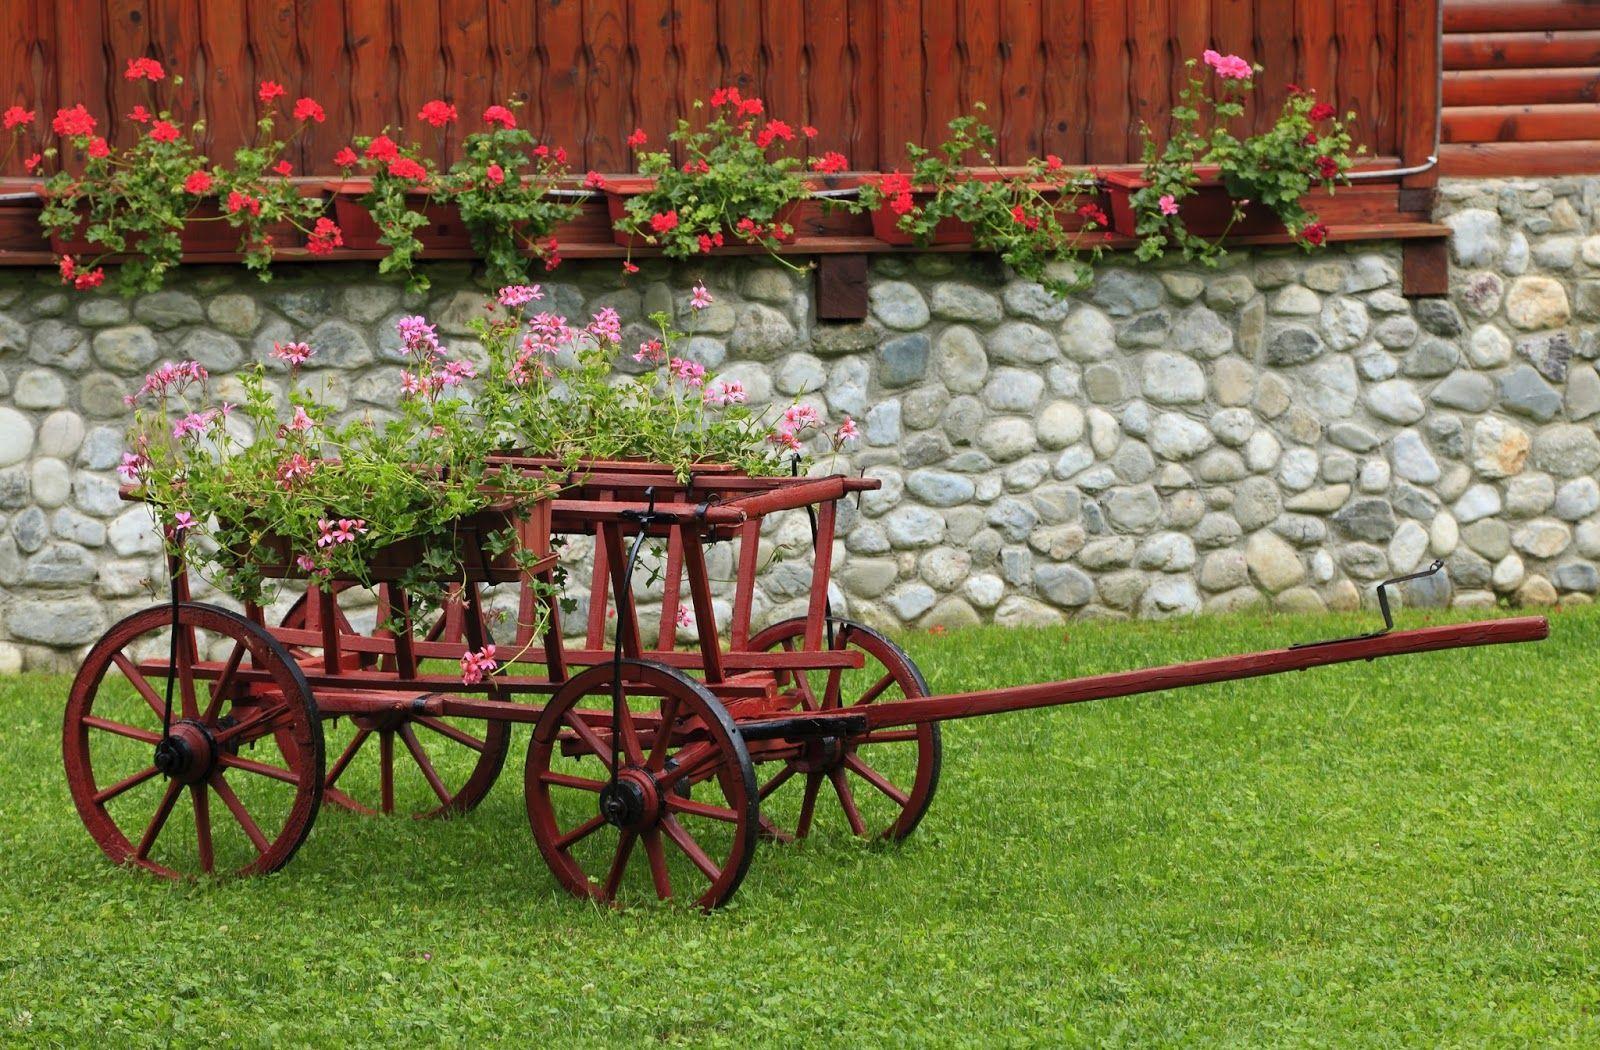 Fotomontajes De Jardines De Flores Te gusta celebrar virtualmente cumpleaños, este nuevo y divertido timbre para la familia y amigos os encantara, es fresco moderno y util para alagar a… fotomontajes de jardines de flores